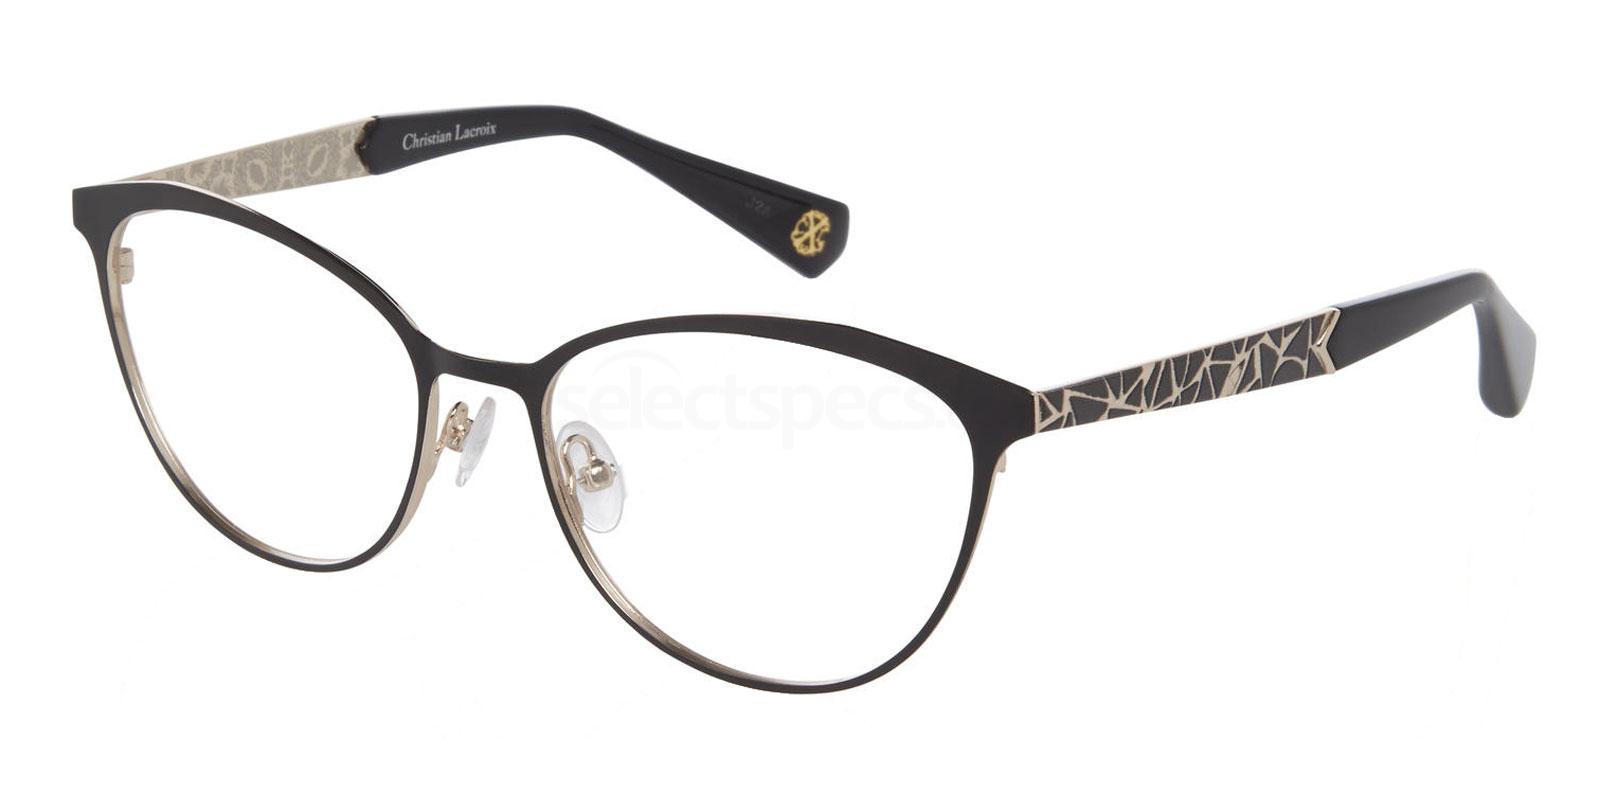 001 CL3049 Glasses, Christian Lacroix